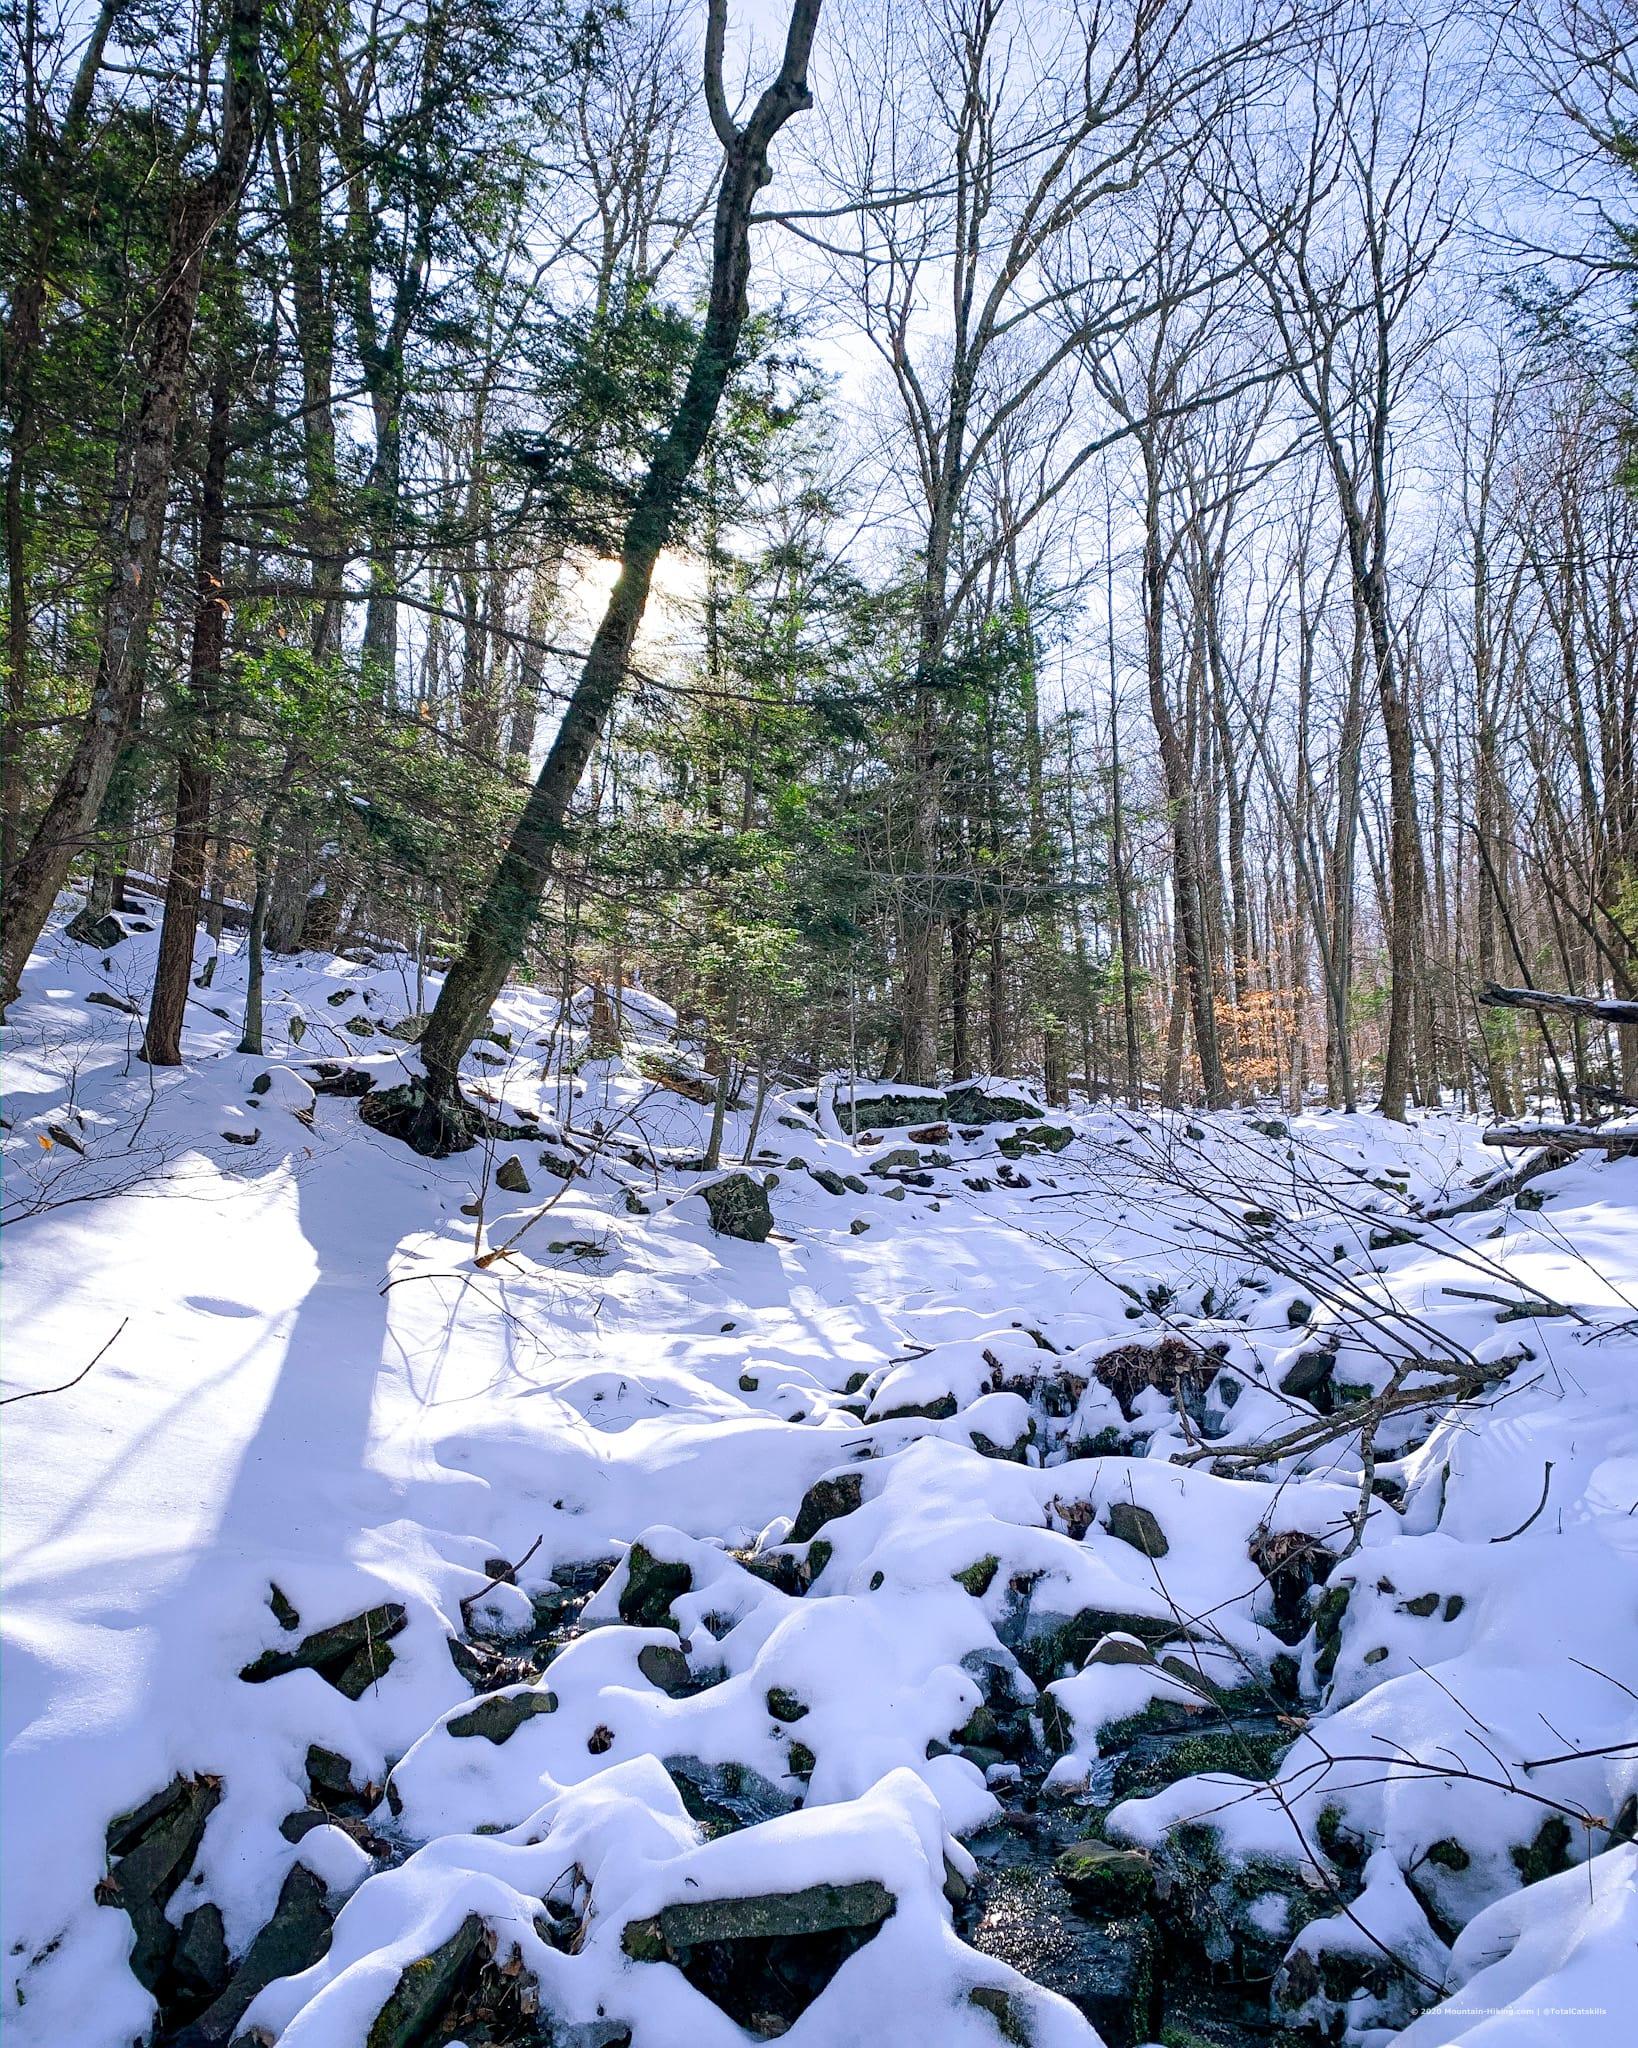 Snow, trees